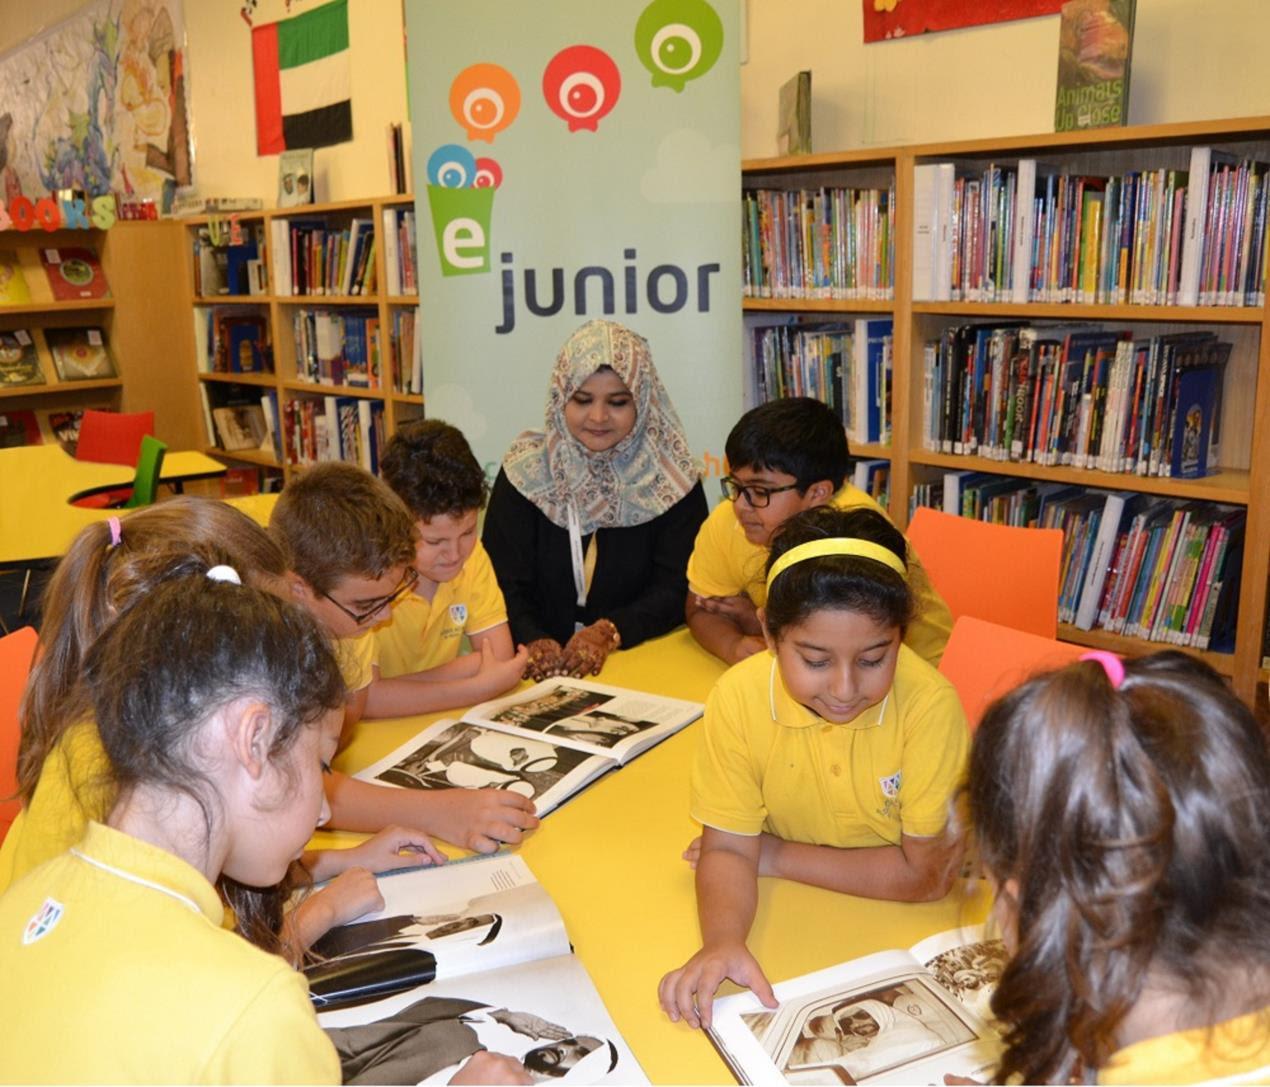 Aldar Academy -  Abu Dhabi